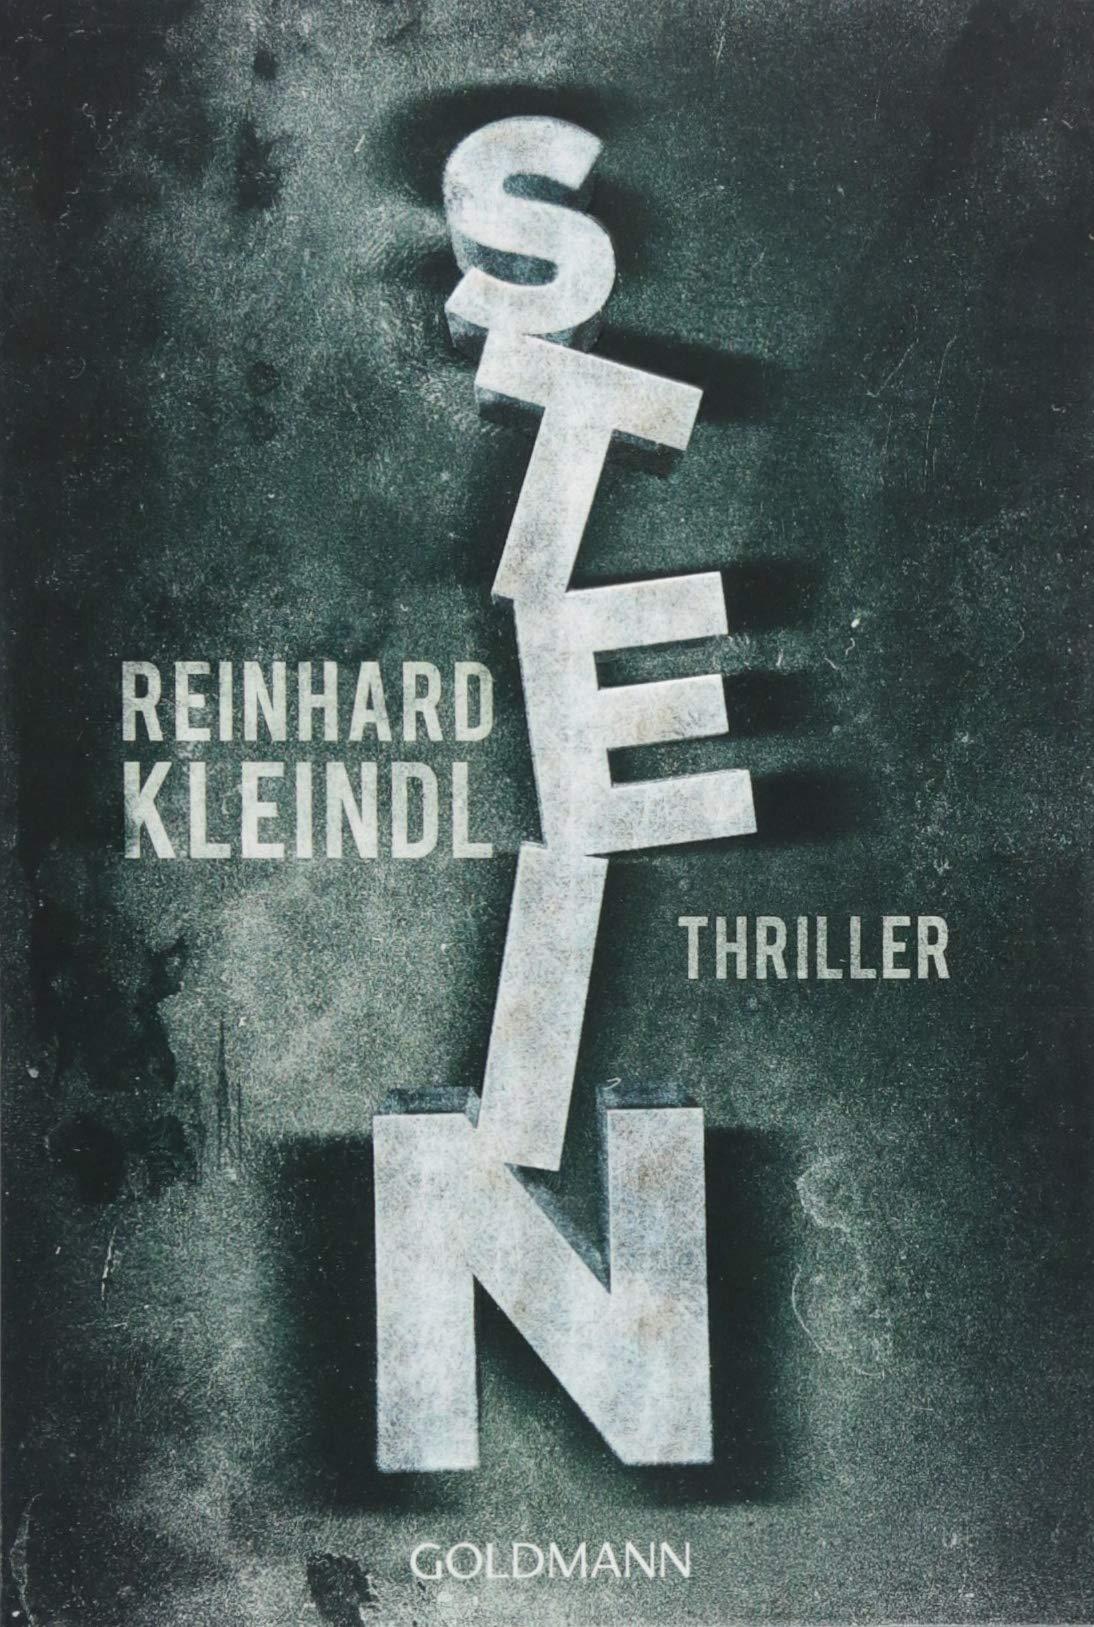 Stein: Thriller Taschenbuch – 17. September 2018 Reinhard Kleindl Goldmann Verlag 3442487986 Belletristik / Kriminalromane